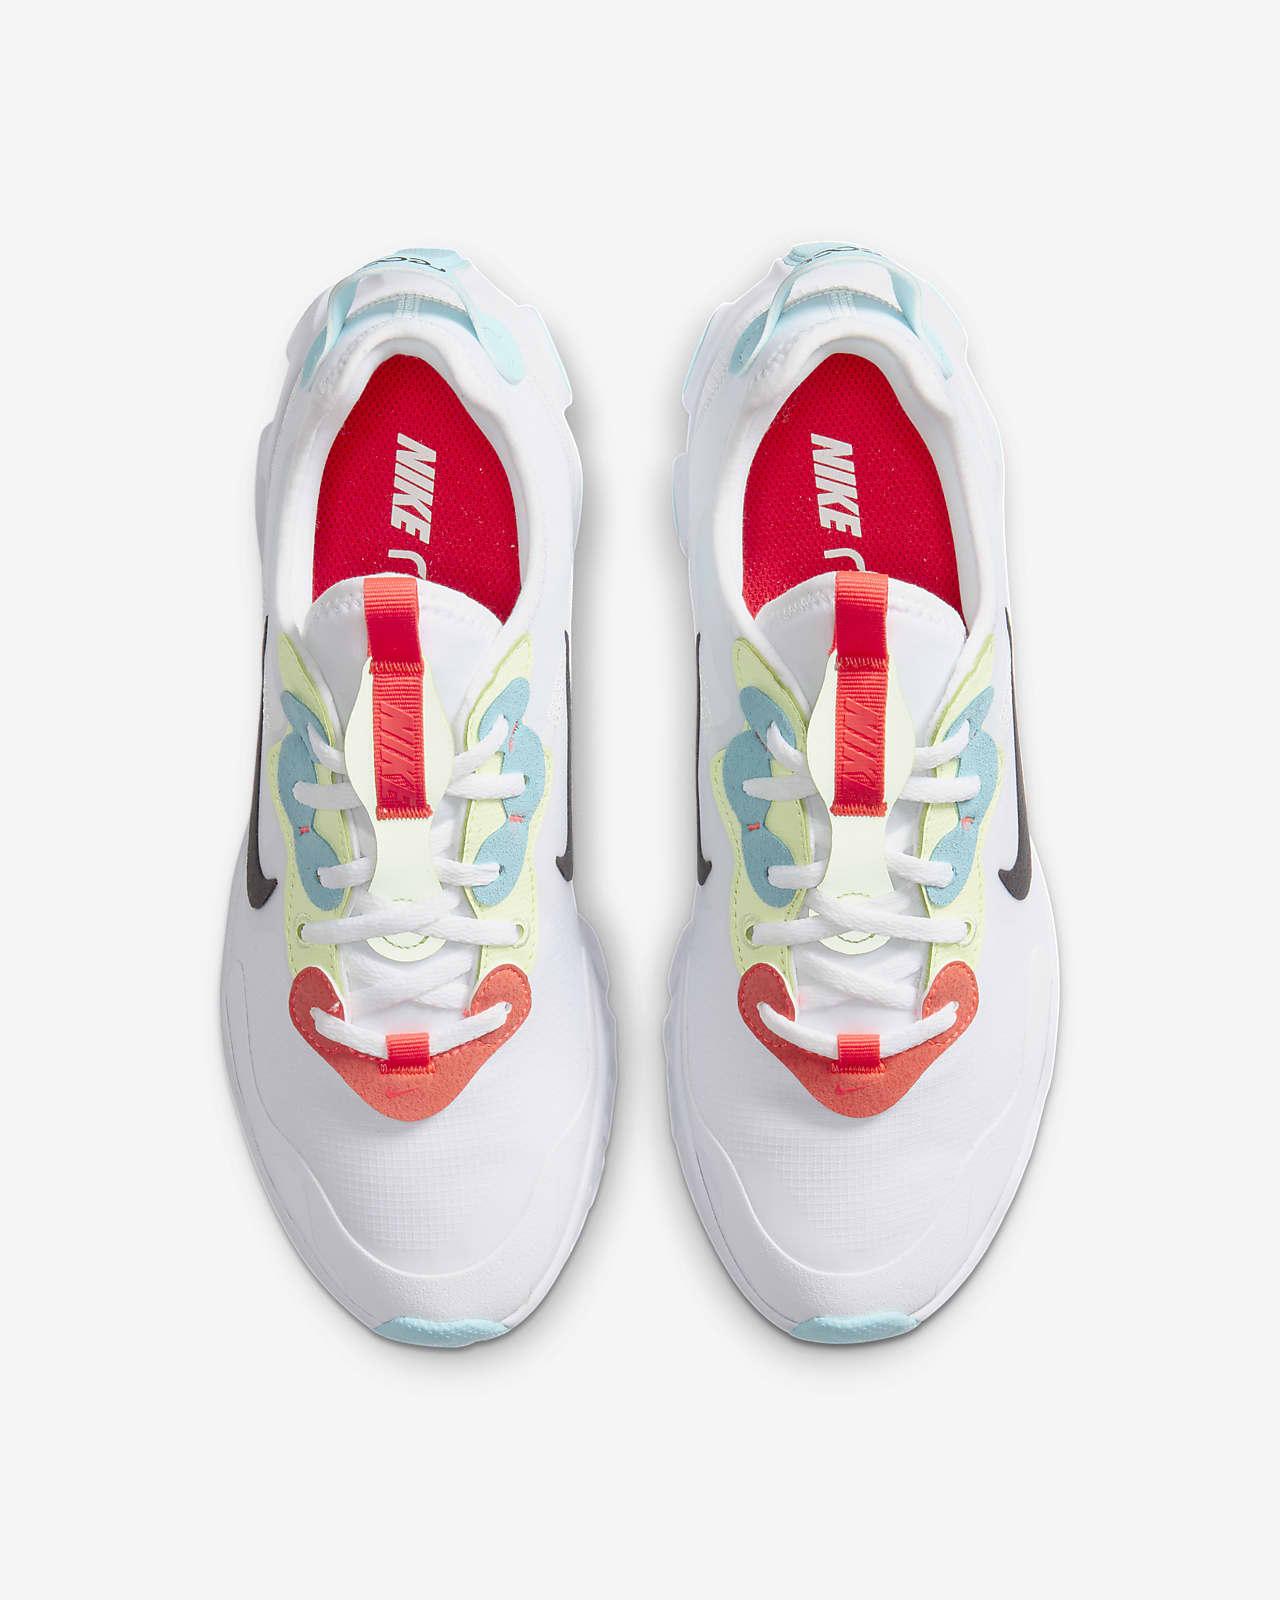 Fruncir el ceño Destierro arrojar polvo en los ojos  Nike React Art3mis Women's Shoe. Nike LU